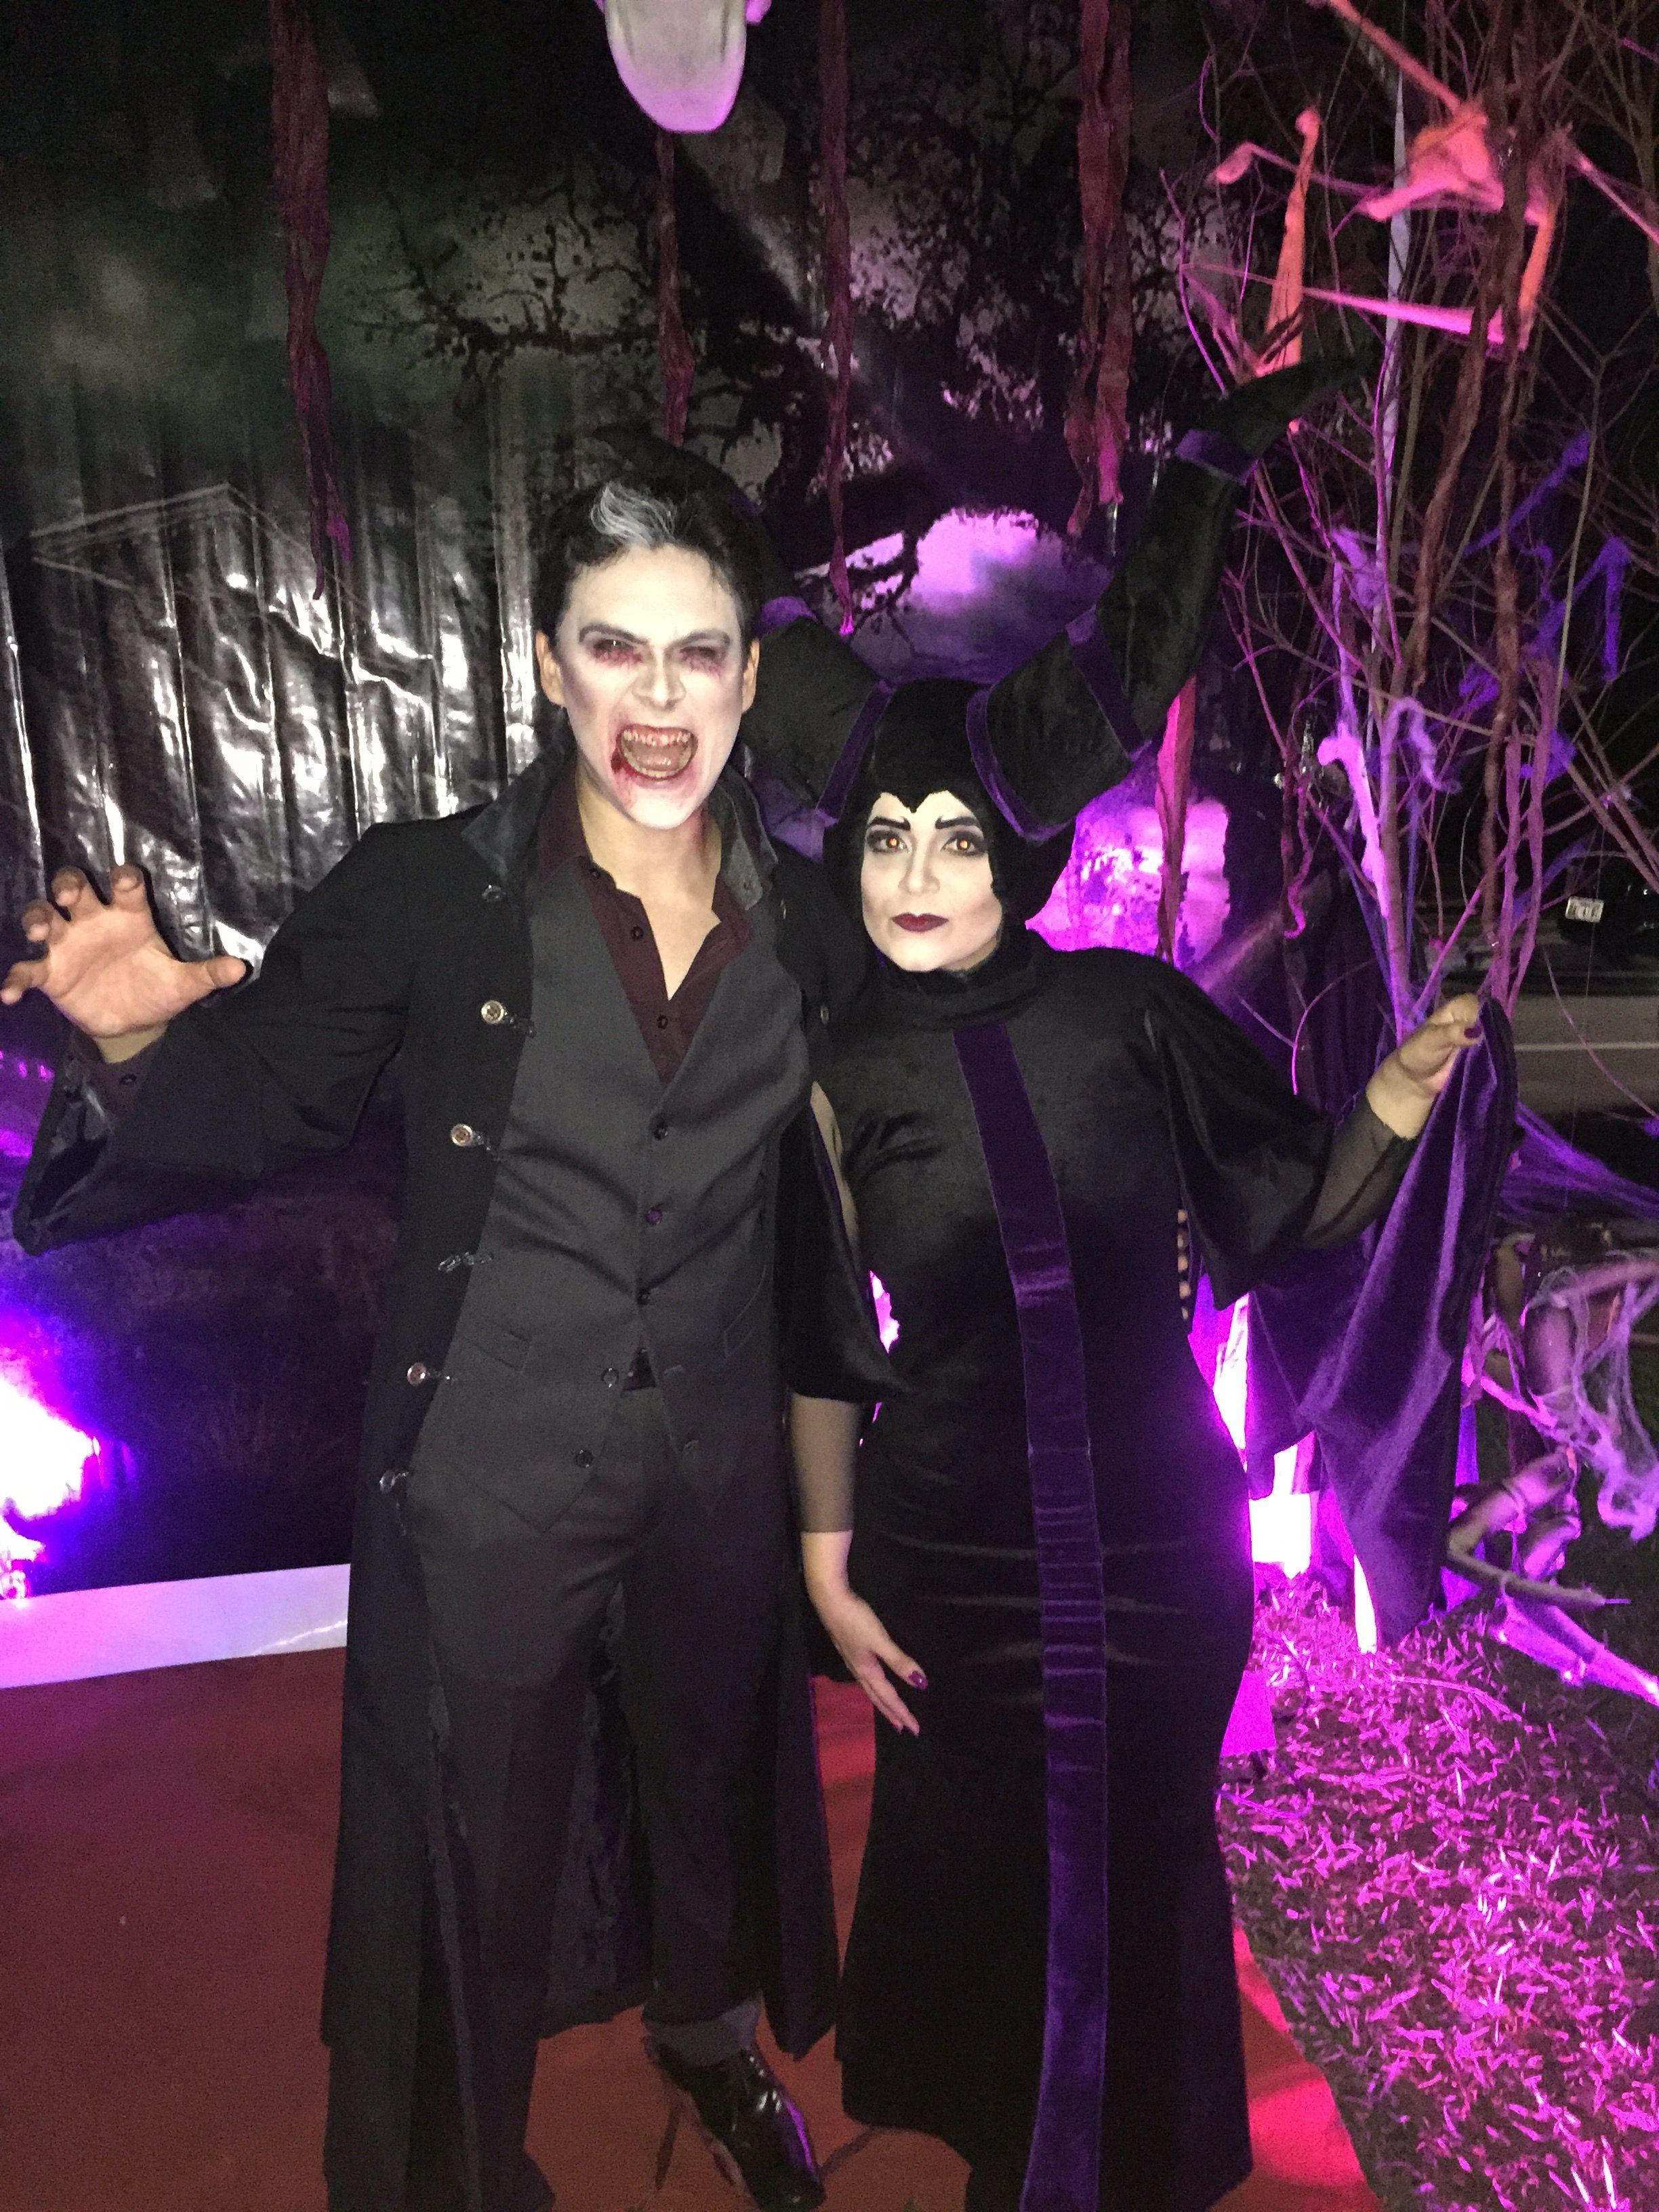 Vampiro e Malévola. Halloween